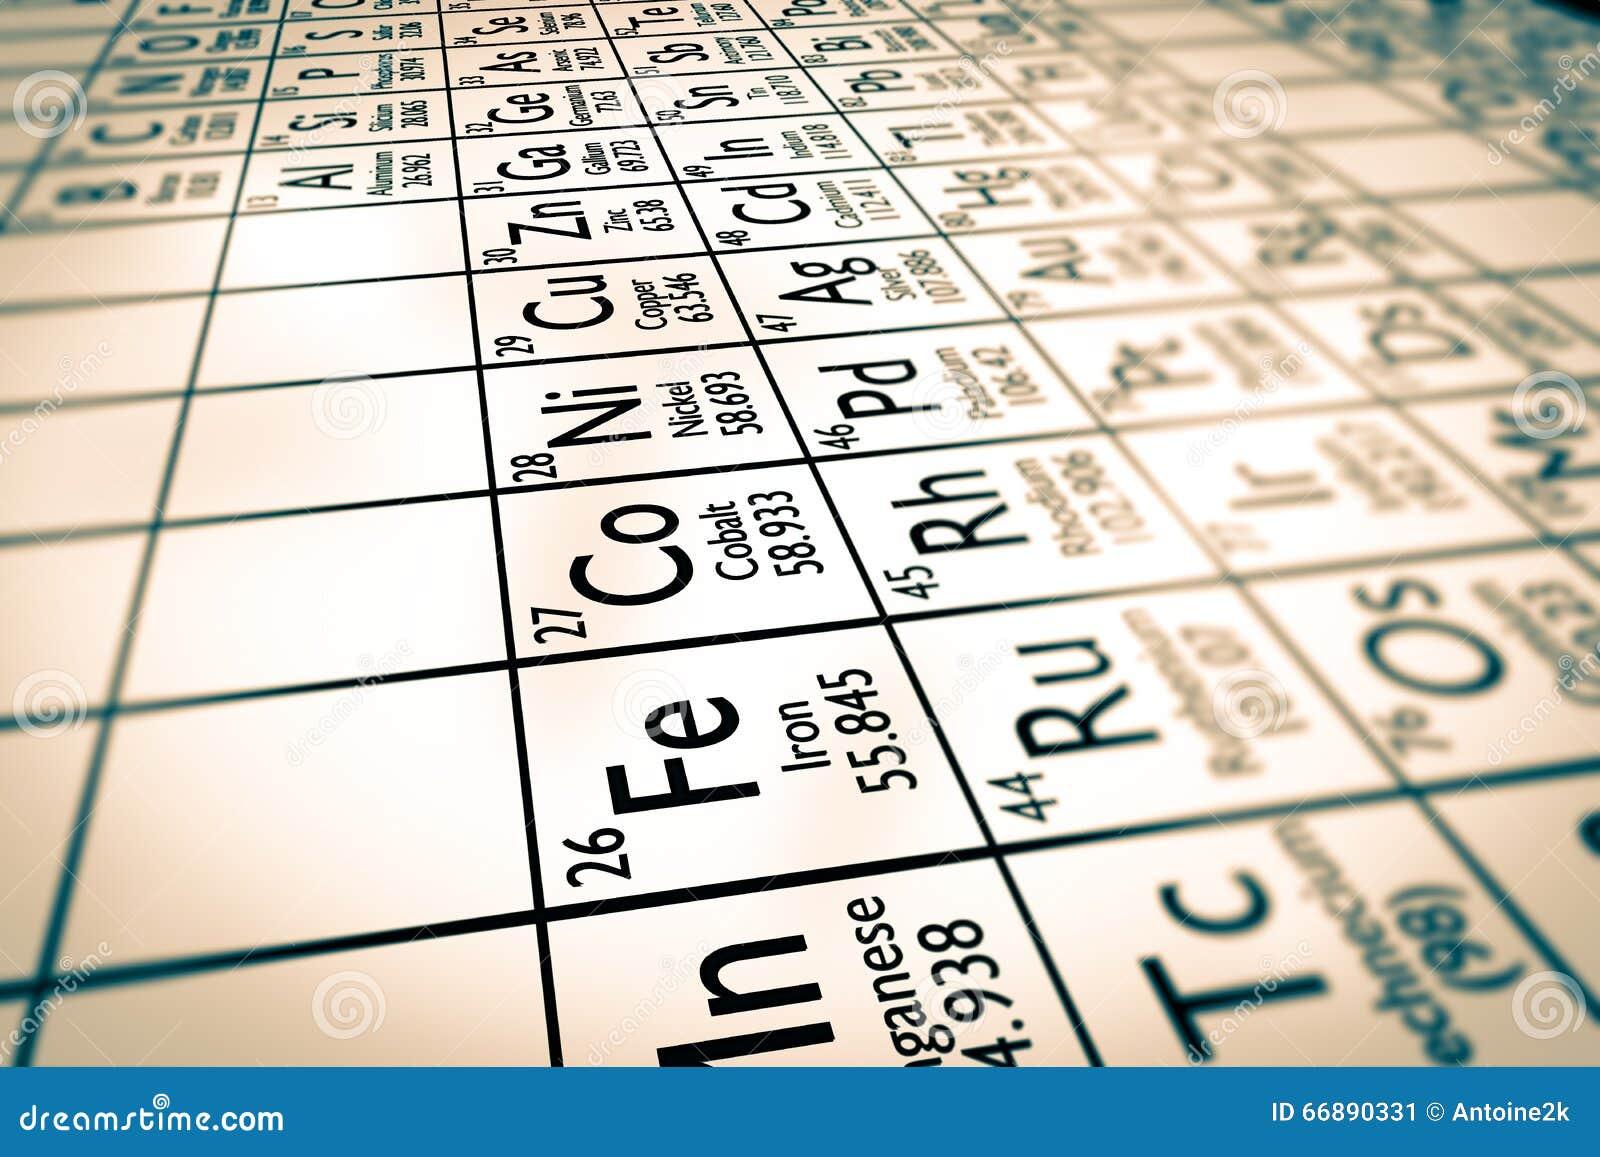 Foco en elementos qumicos de los metales de transicin imagen de foco en elementos qumicos de los metales de transicin urtaz Image collections